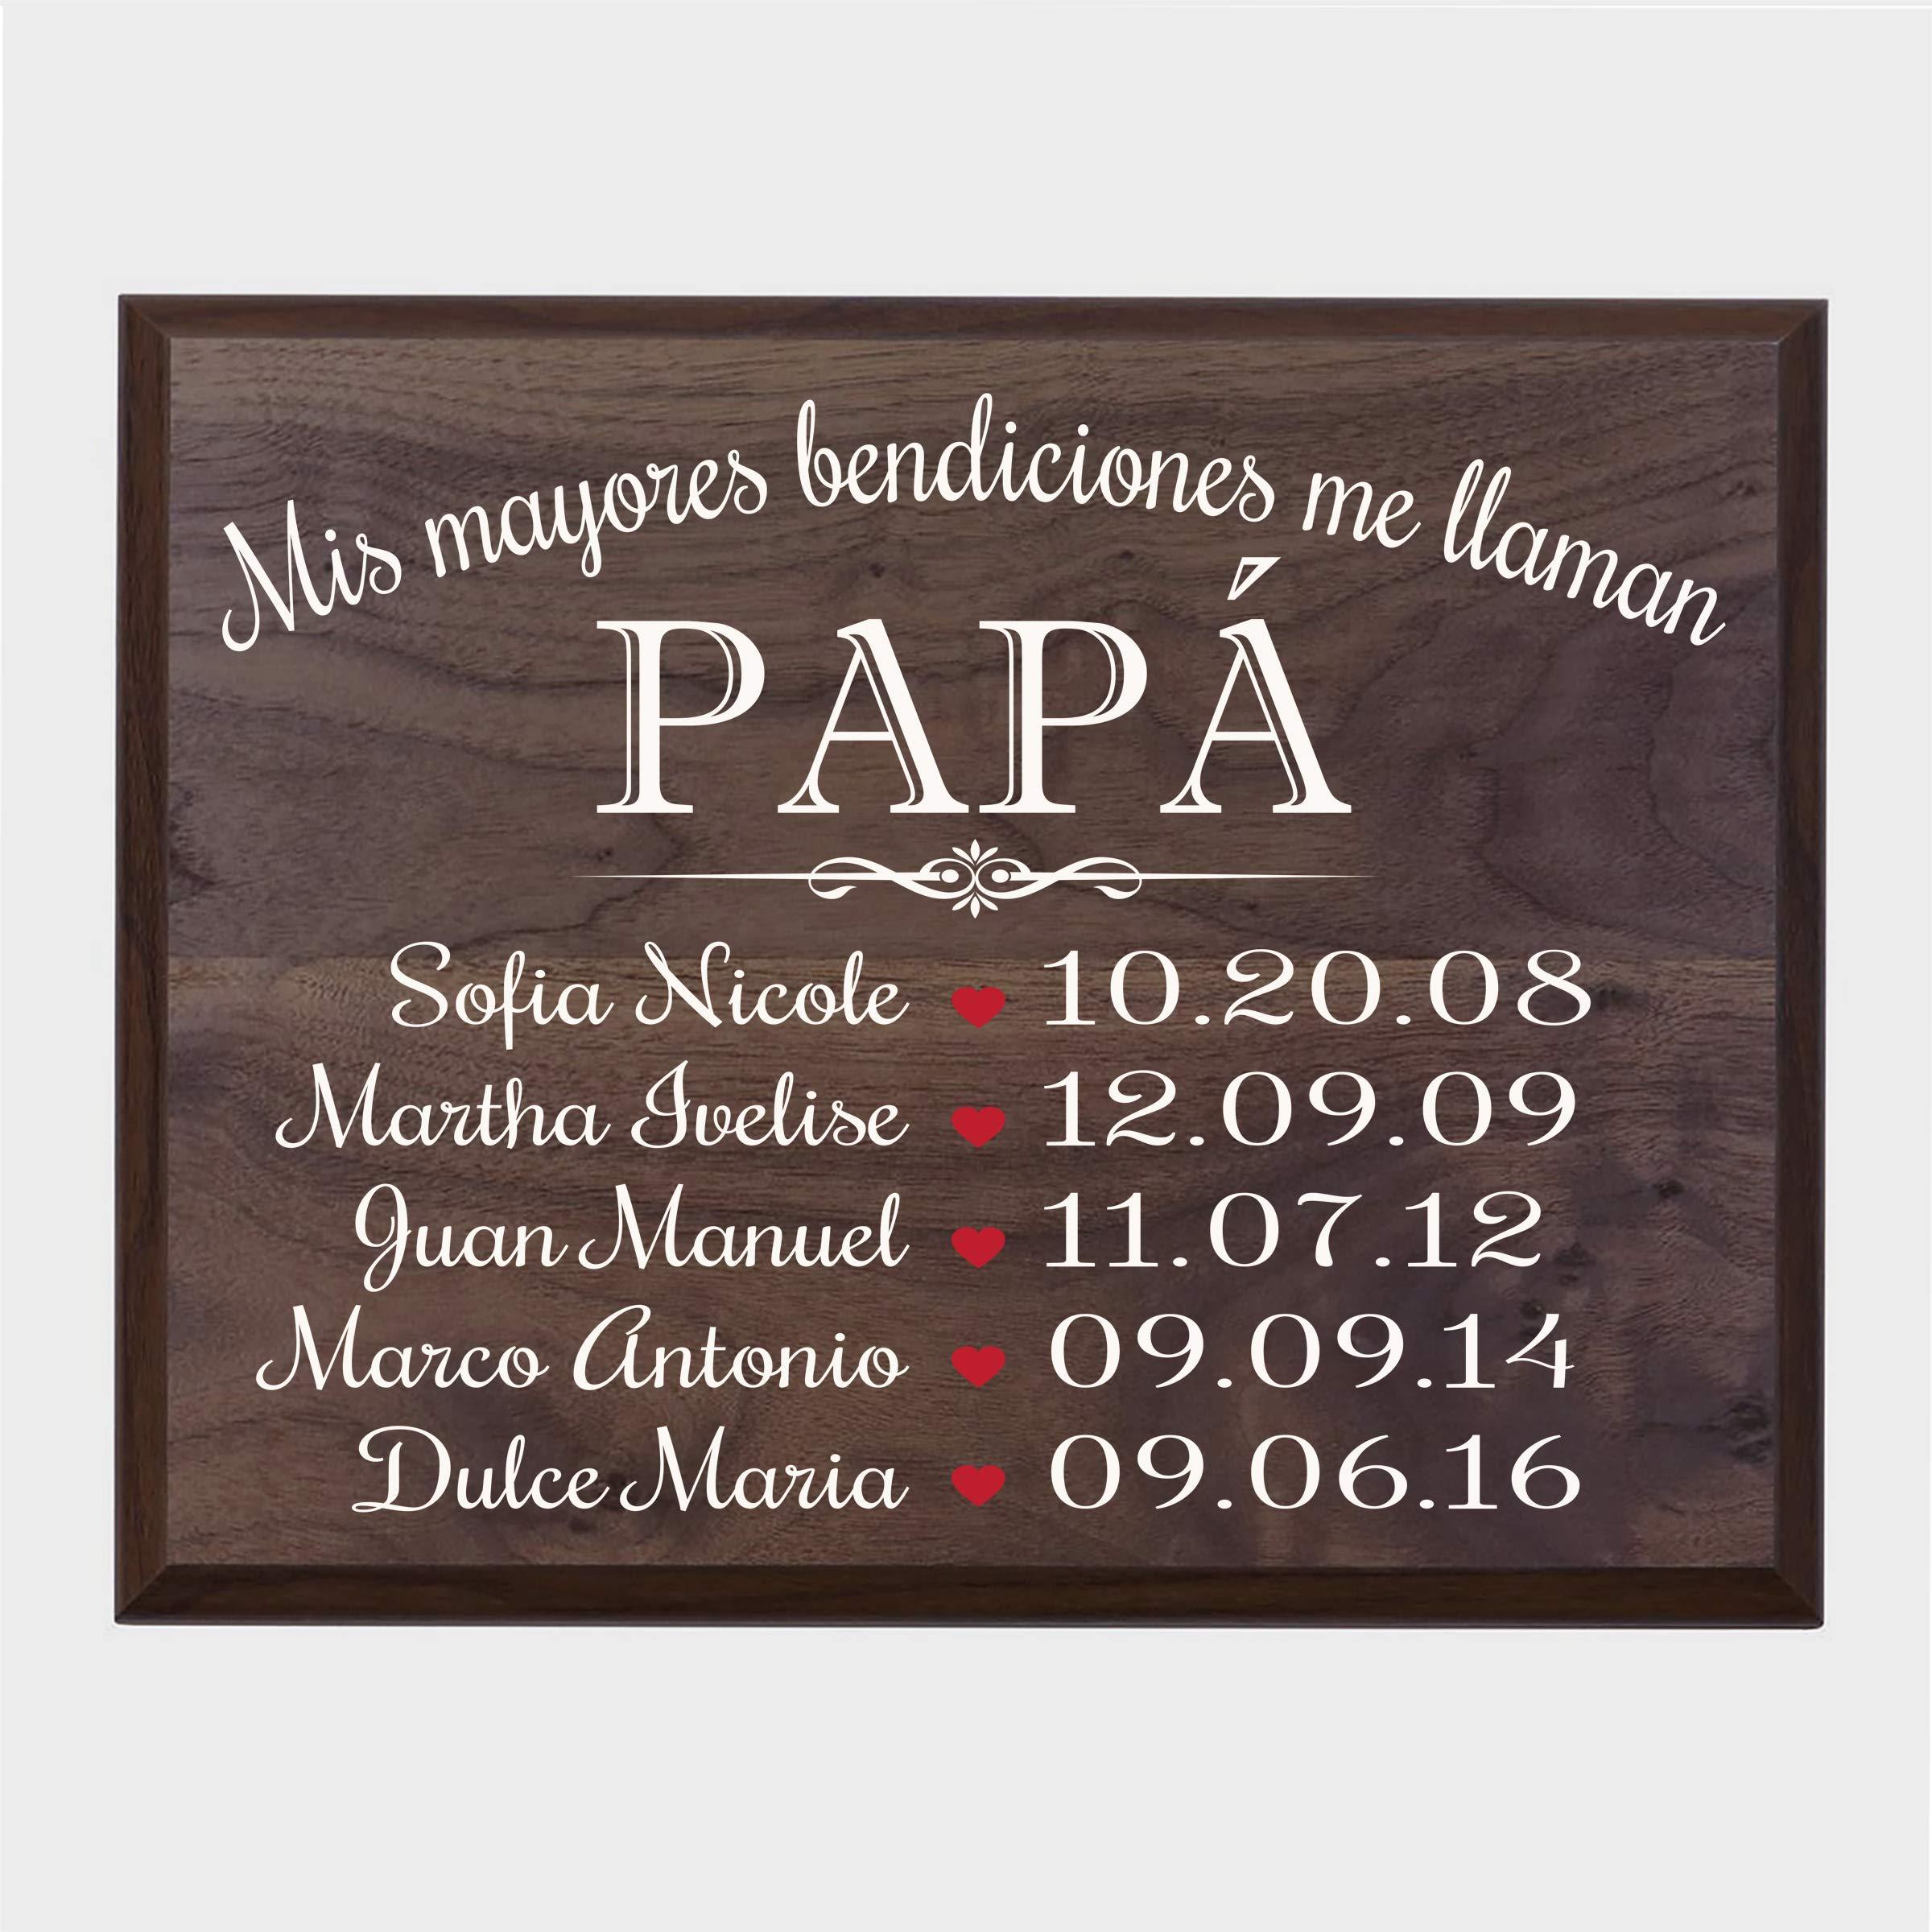 LifeSong Milestones Bendiciones familiares personalizadas Wall Plaque Regalo para Padres, Abuelos, mamá o papá con nombres de niños y fechas de nacimiento de 12''x 15'' (Walnut) by LifeSong Milestones (Image #1)